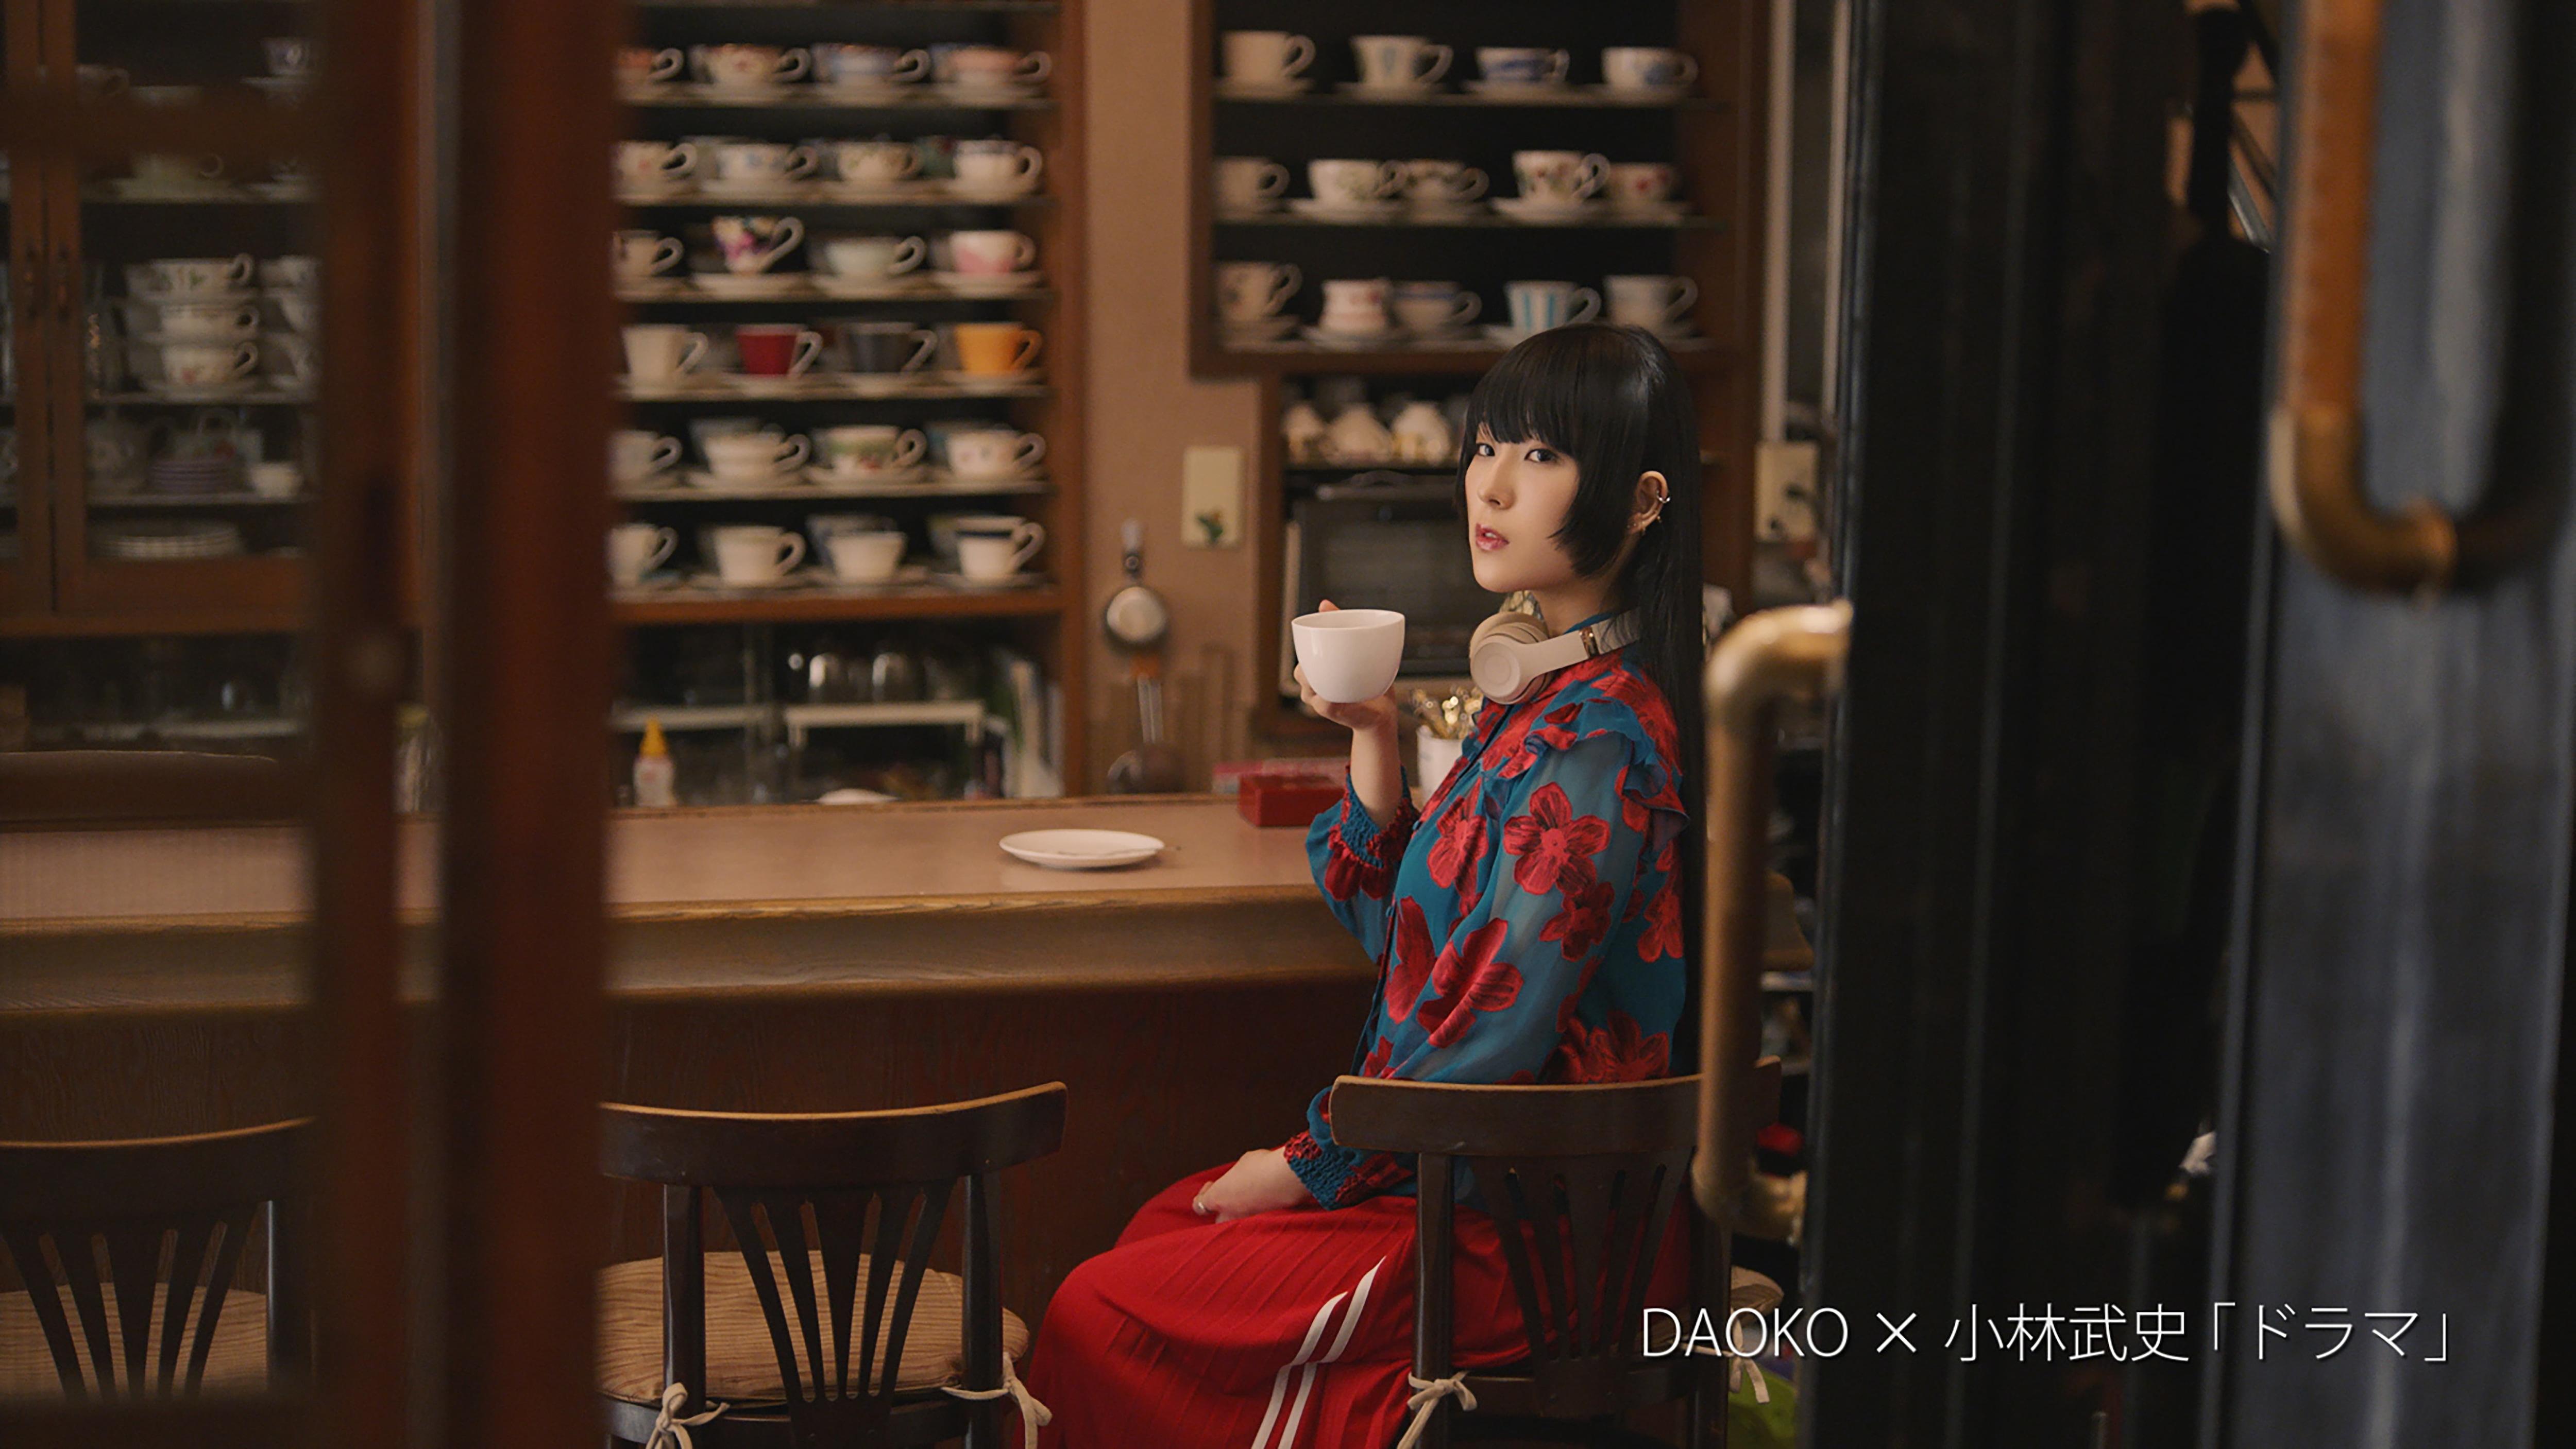 石原さとみが出演する東京メトロの新CM「北千住_明日へのチャージ」篇